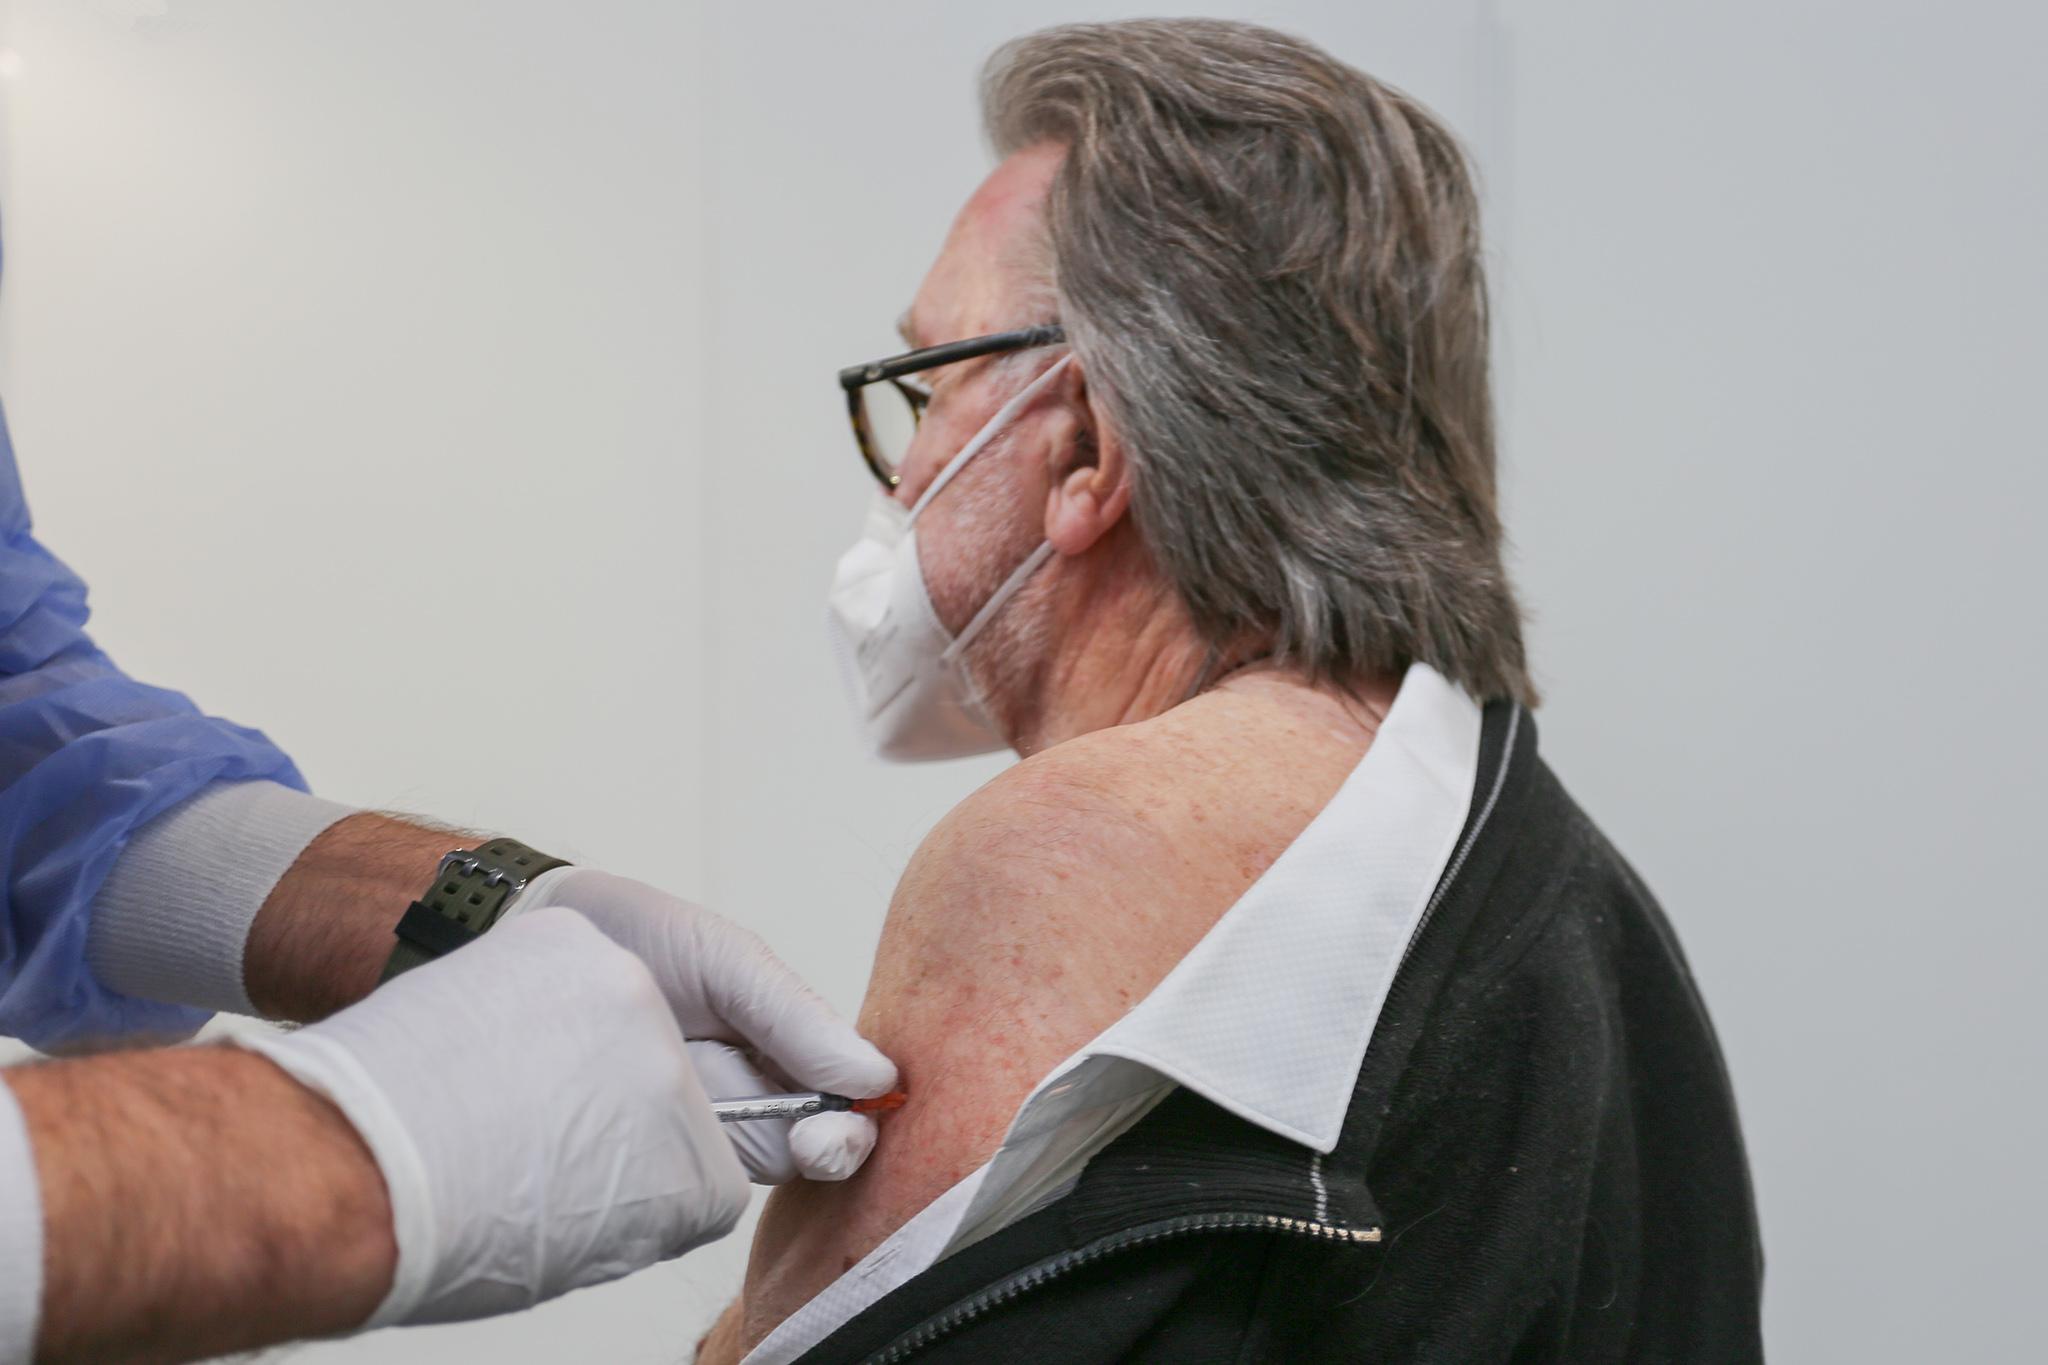 Impfung einer Person